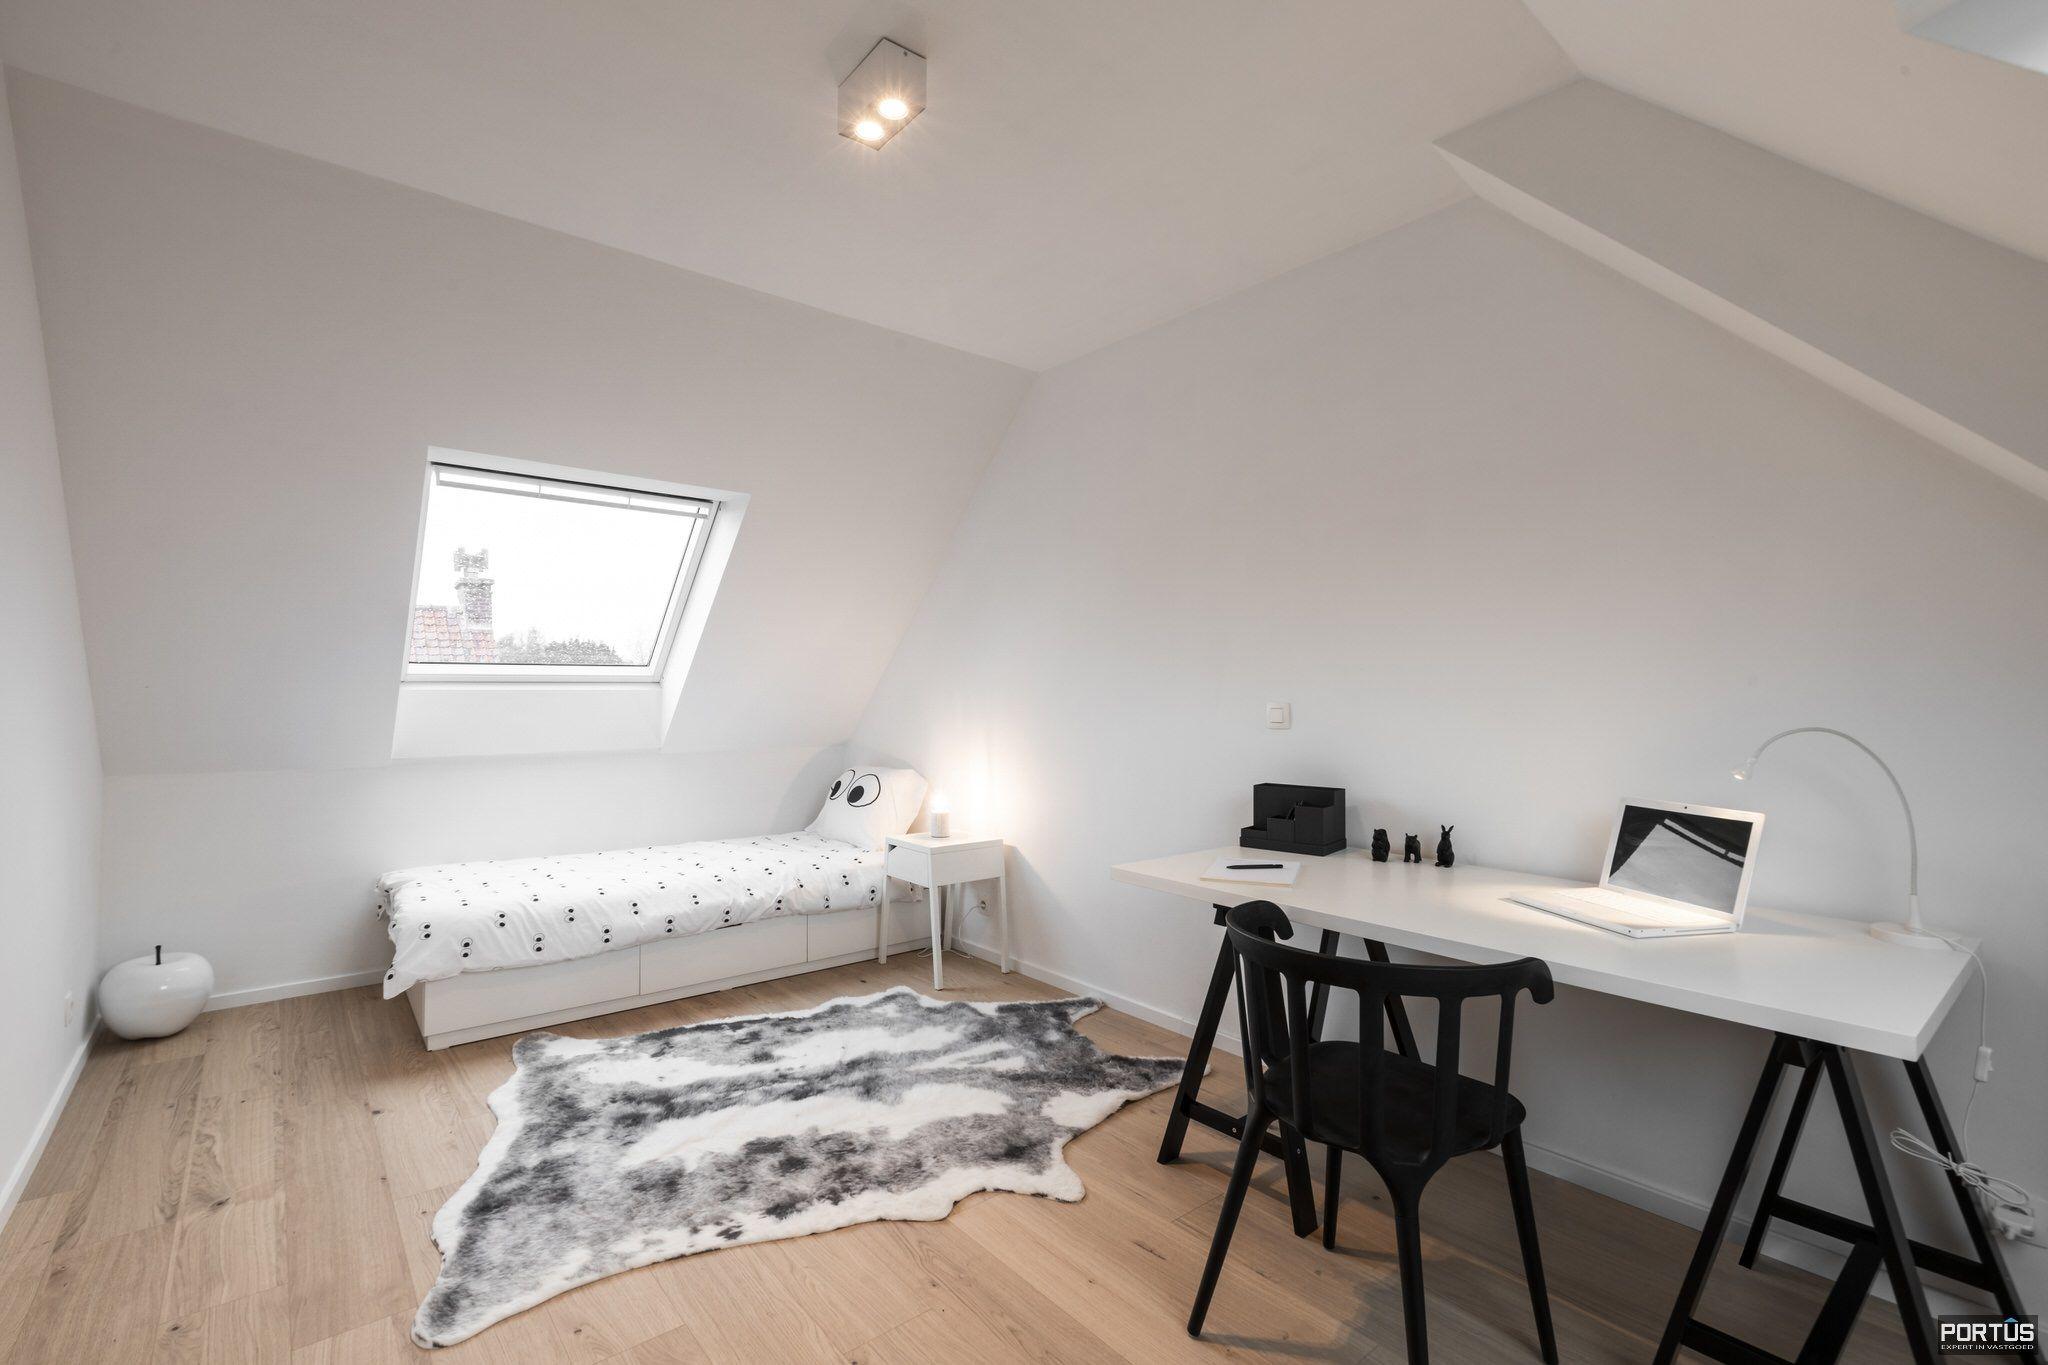 Nieuwbouwwoning met 4 slaapkamers te koop te Lombardsijde - 11844